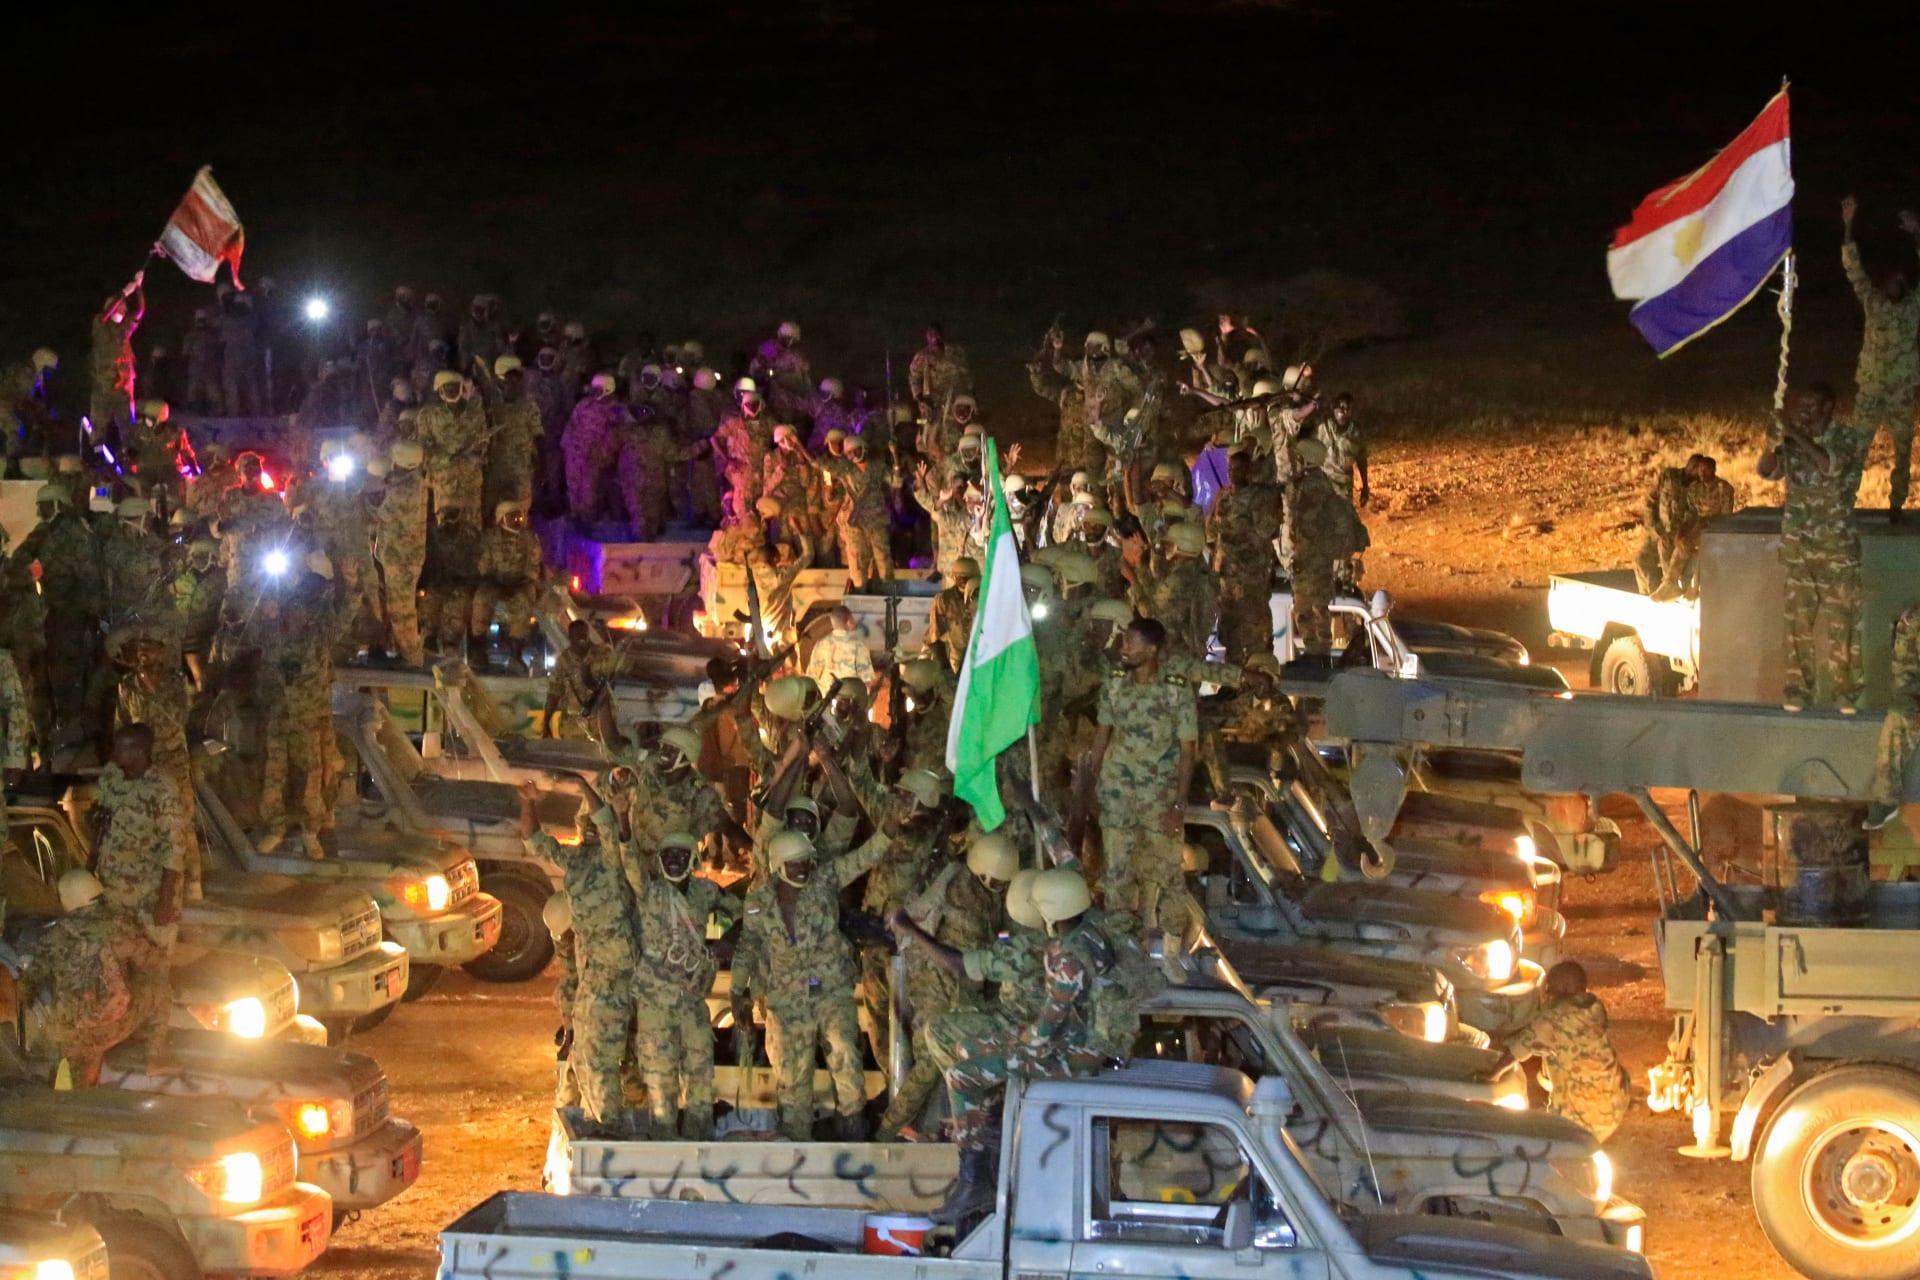 """السودان يرفض """"عدوان إثيوبيا"""" على أراضيه.. ويحذر من """"تبعات خطيرة"""""""